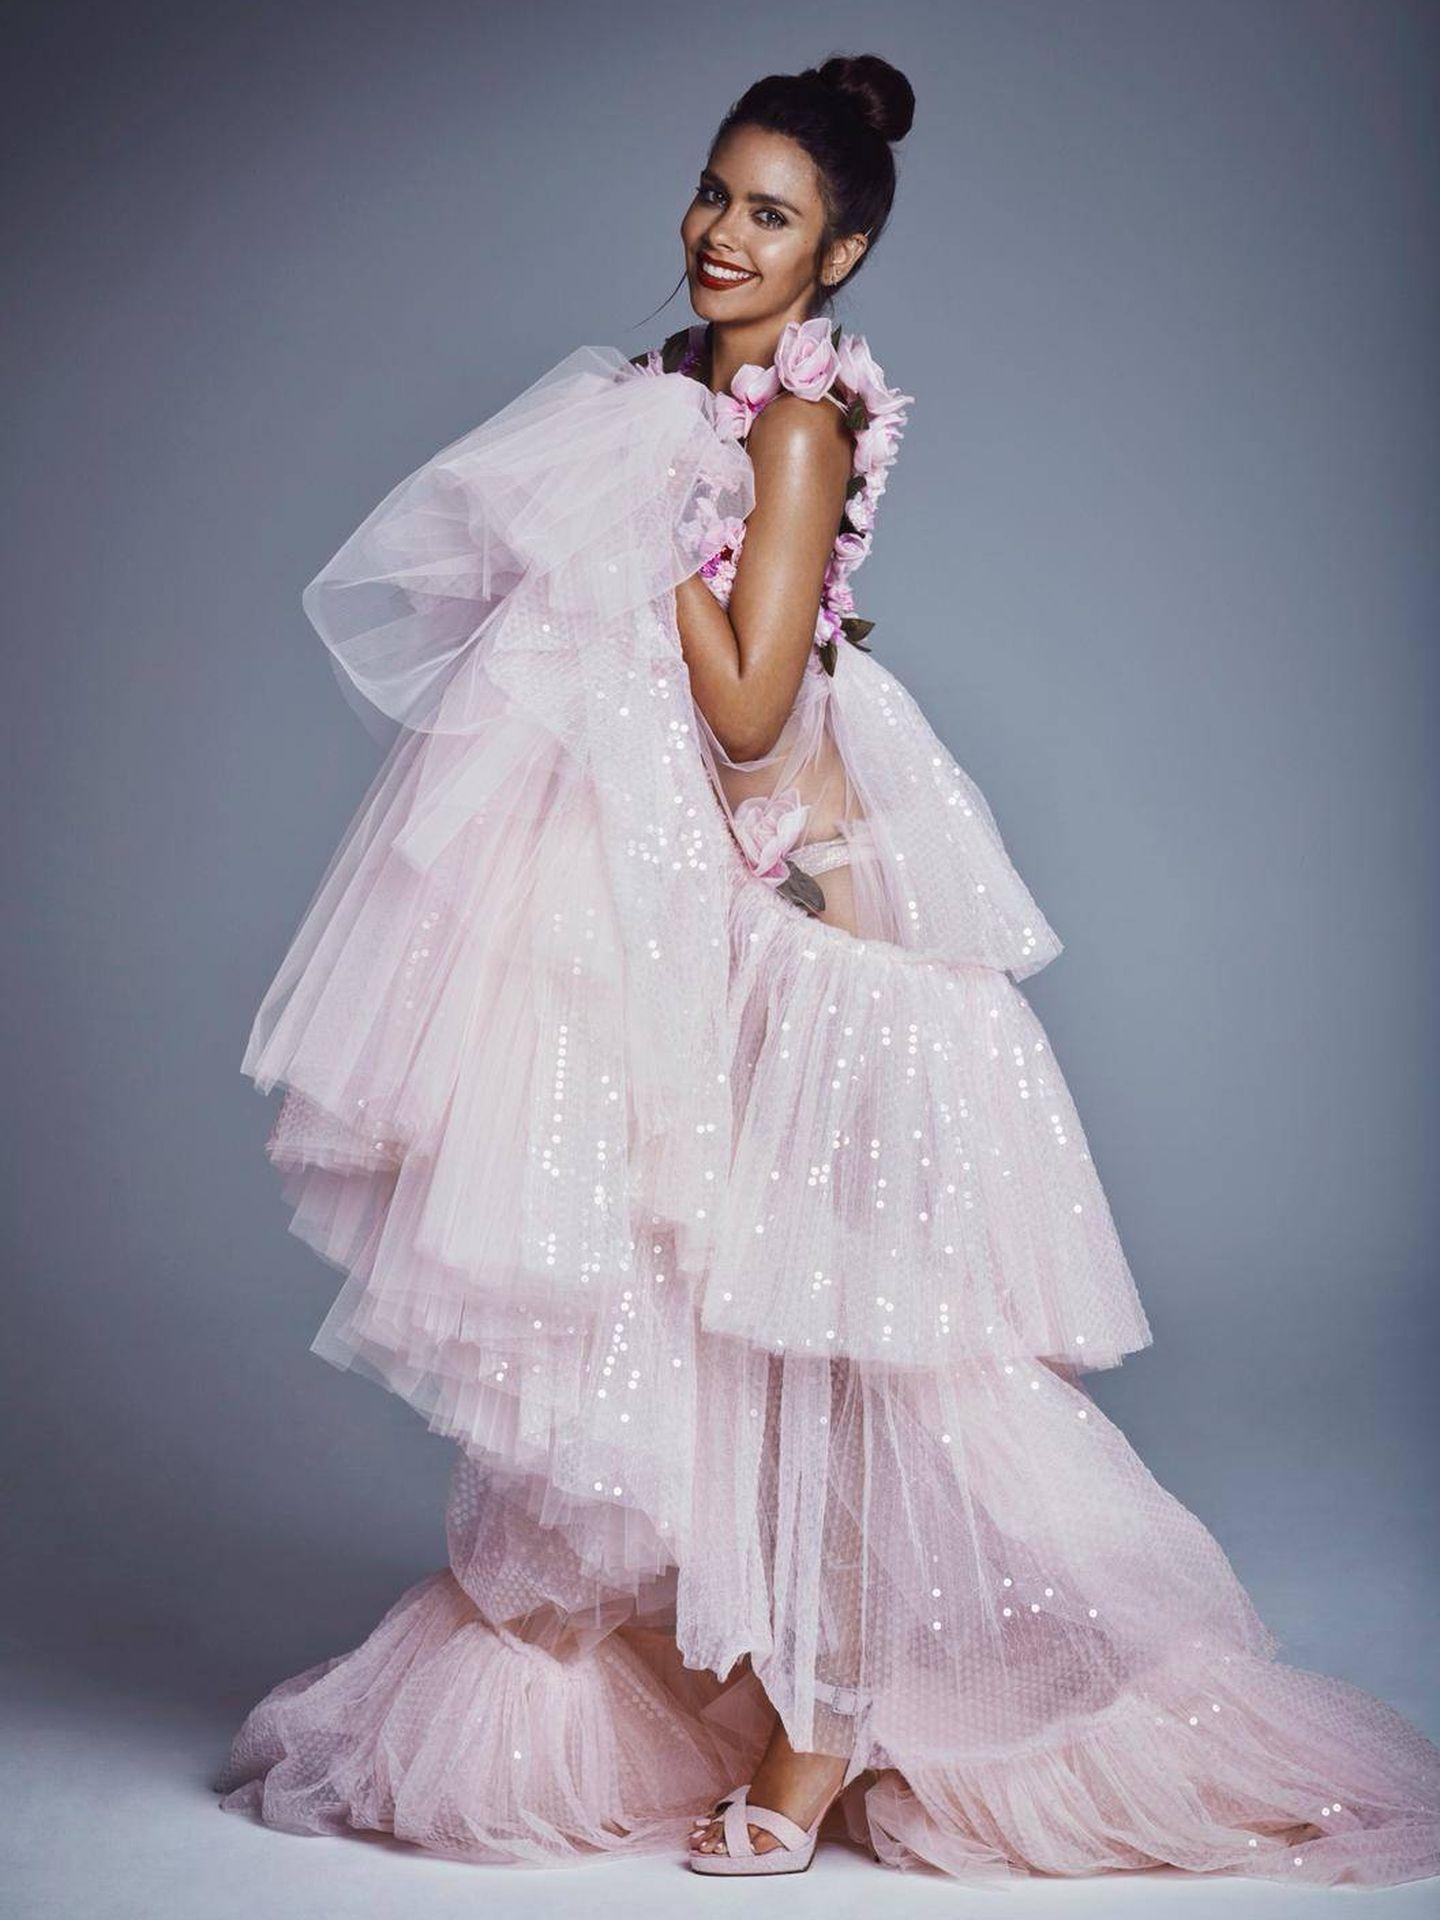 El vestido de lado, con todas las capas de tul a la vista. (Tot-Hom)